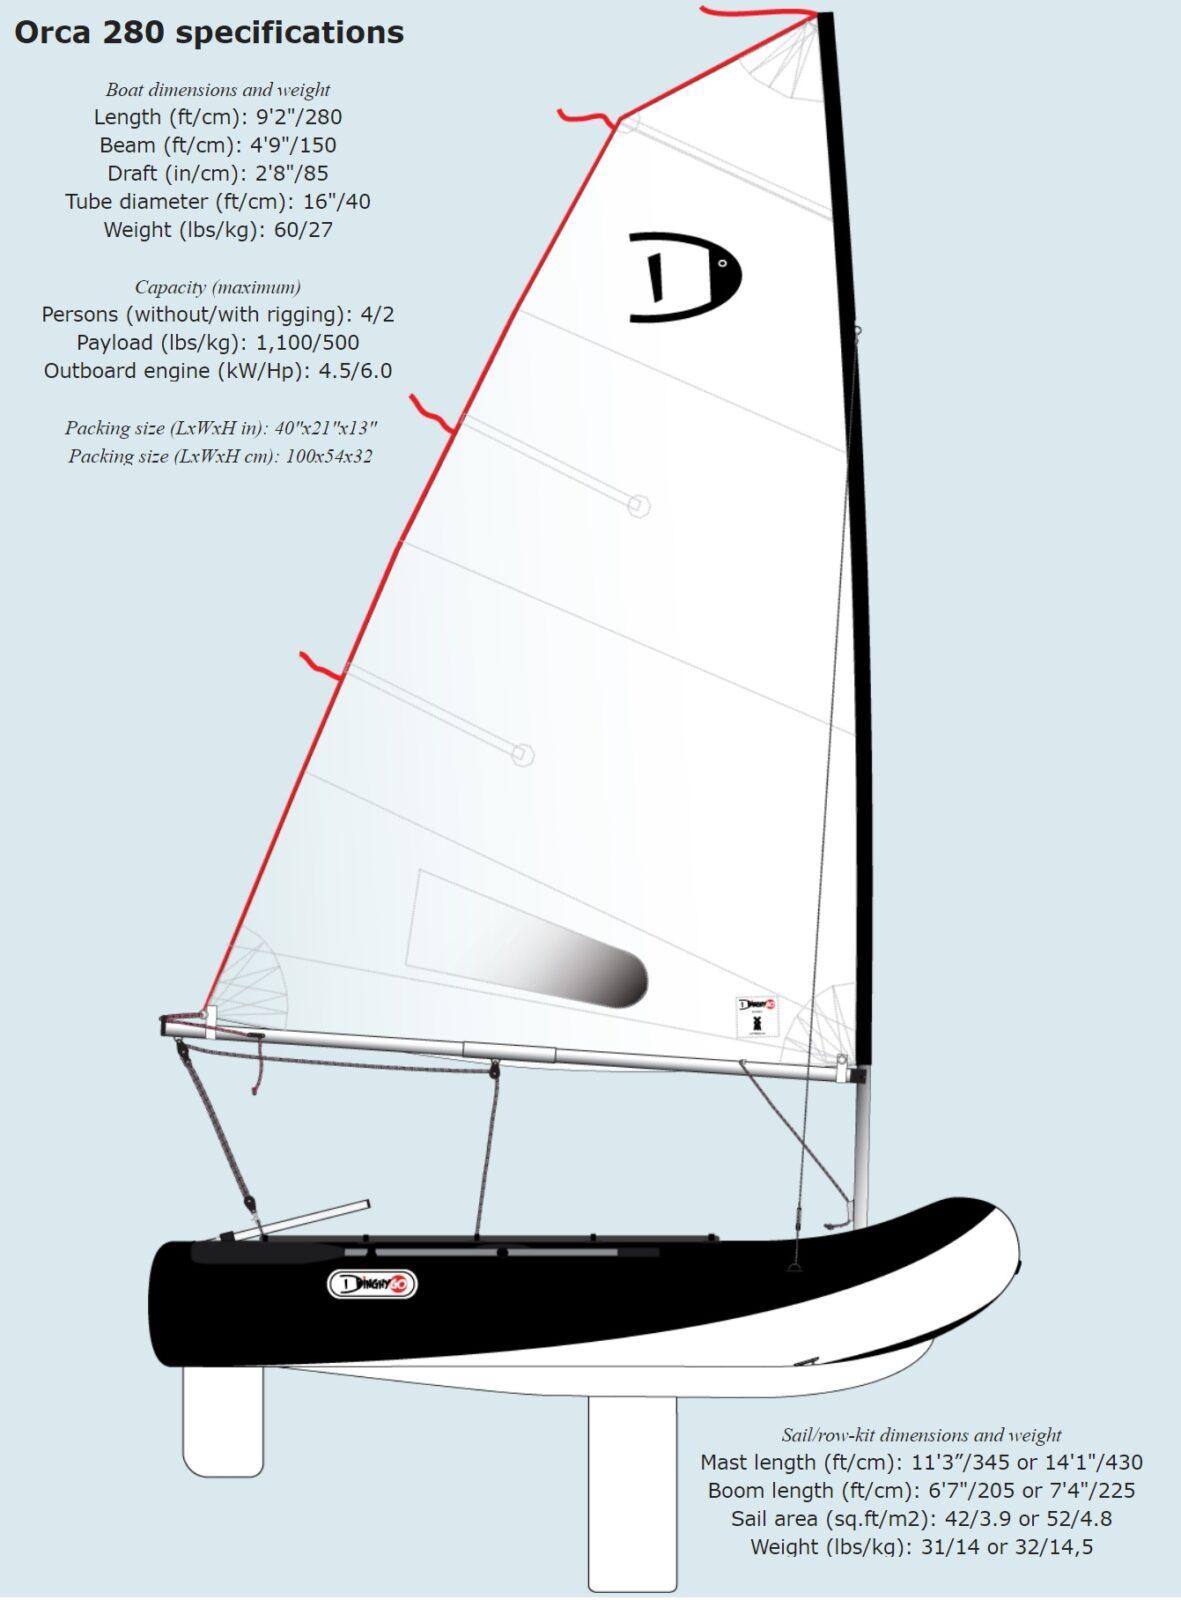 DG-Orca-280-4-8-drwgs